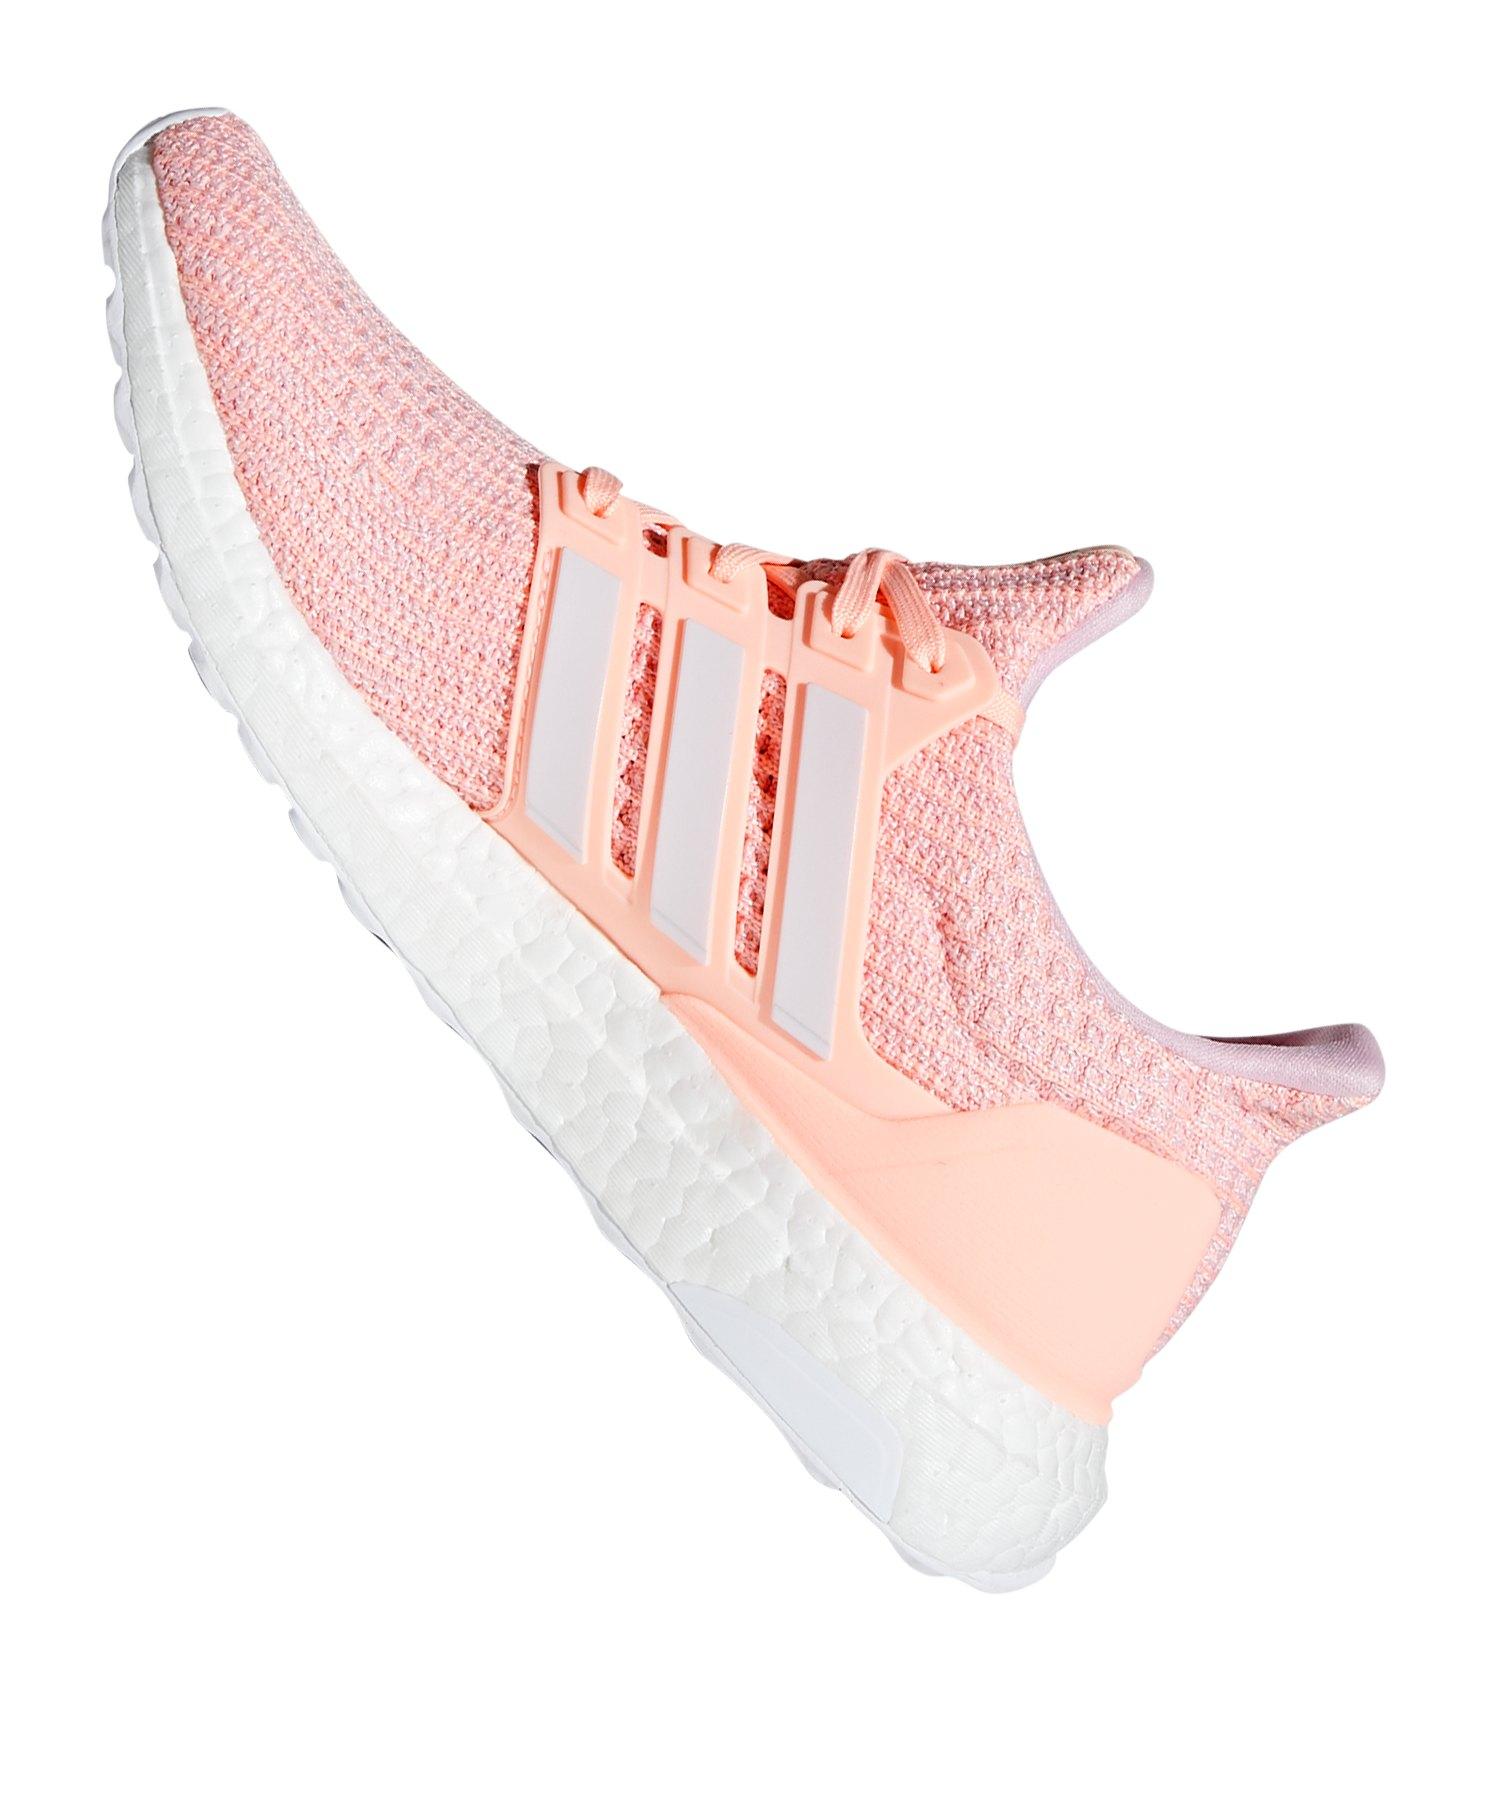 Sneaker Boost Rosa Weiss Damen Ultra Adidas ZnOk0NwX8P